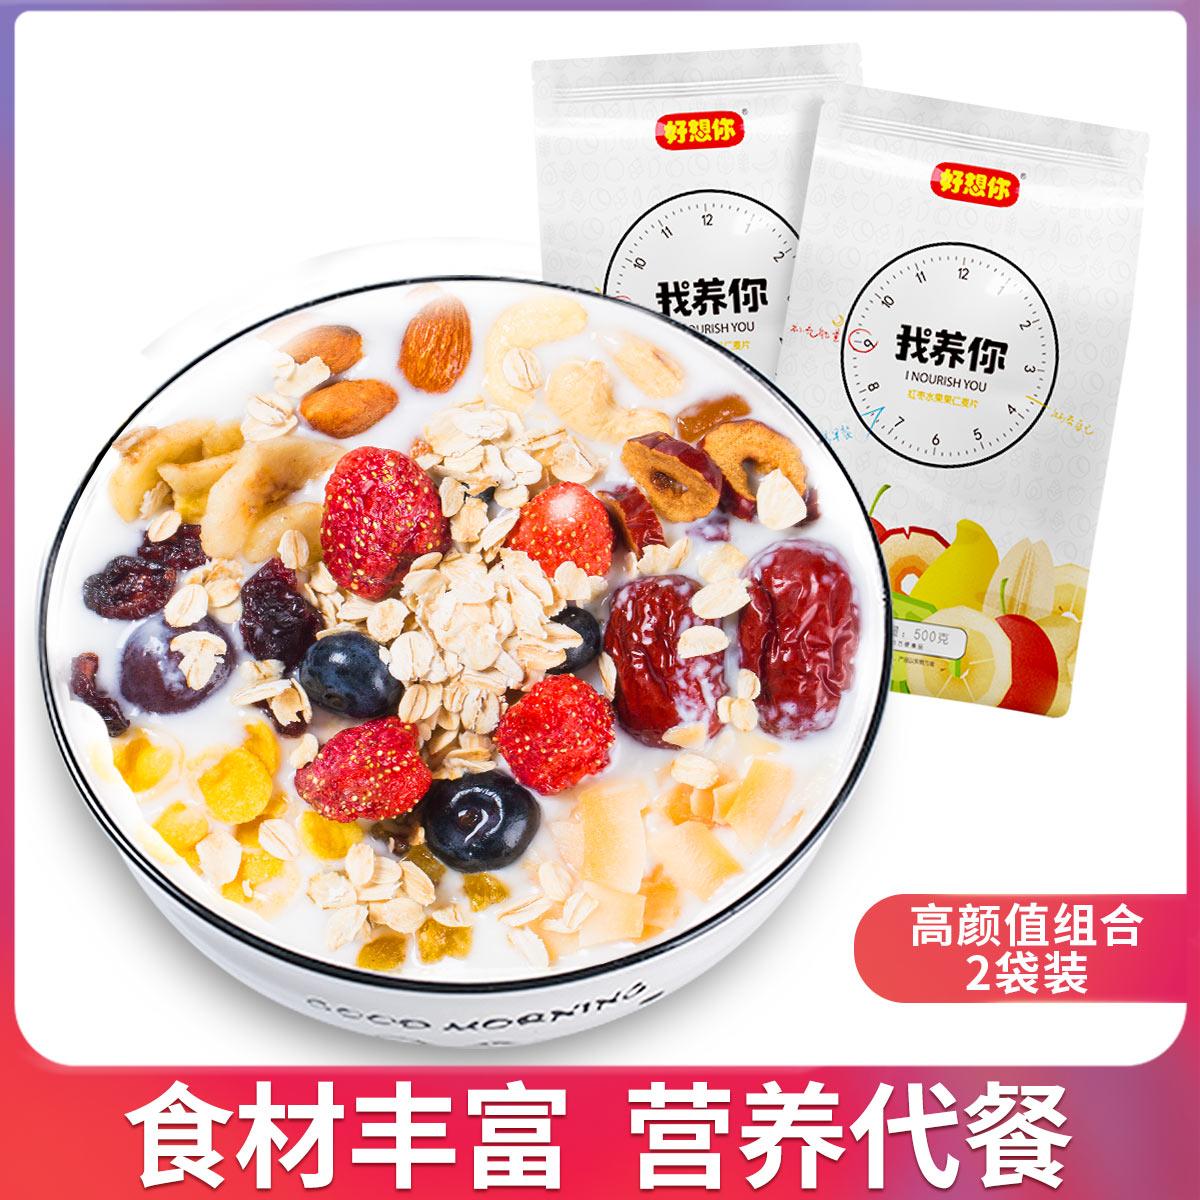 好想你 混合水果坚果麦片500g*2袋 燕麦片早餐速食代餐麦片休闲食品